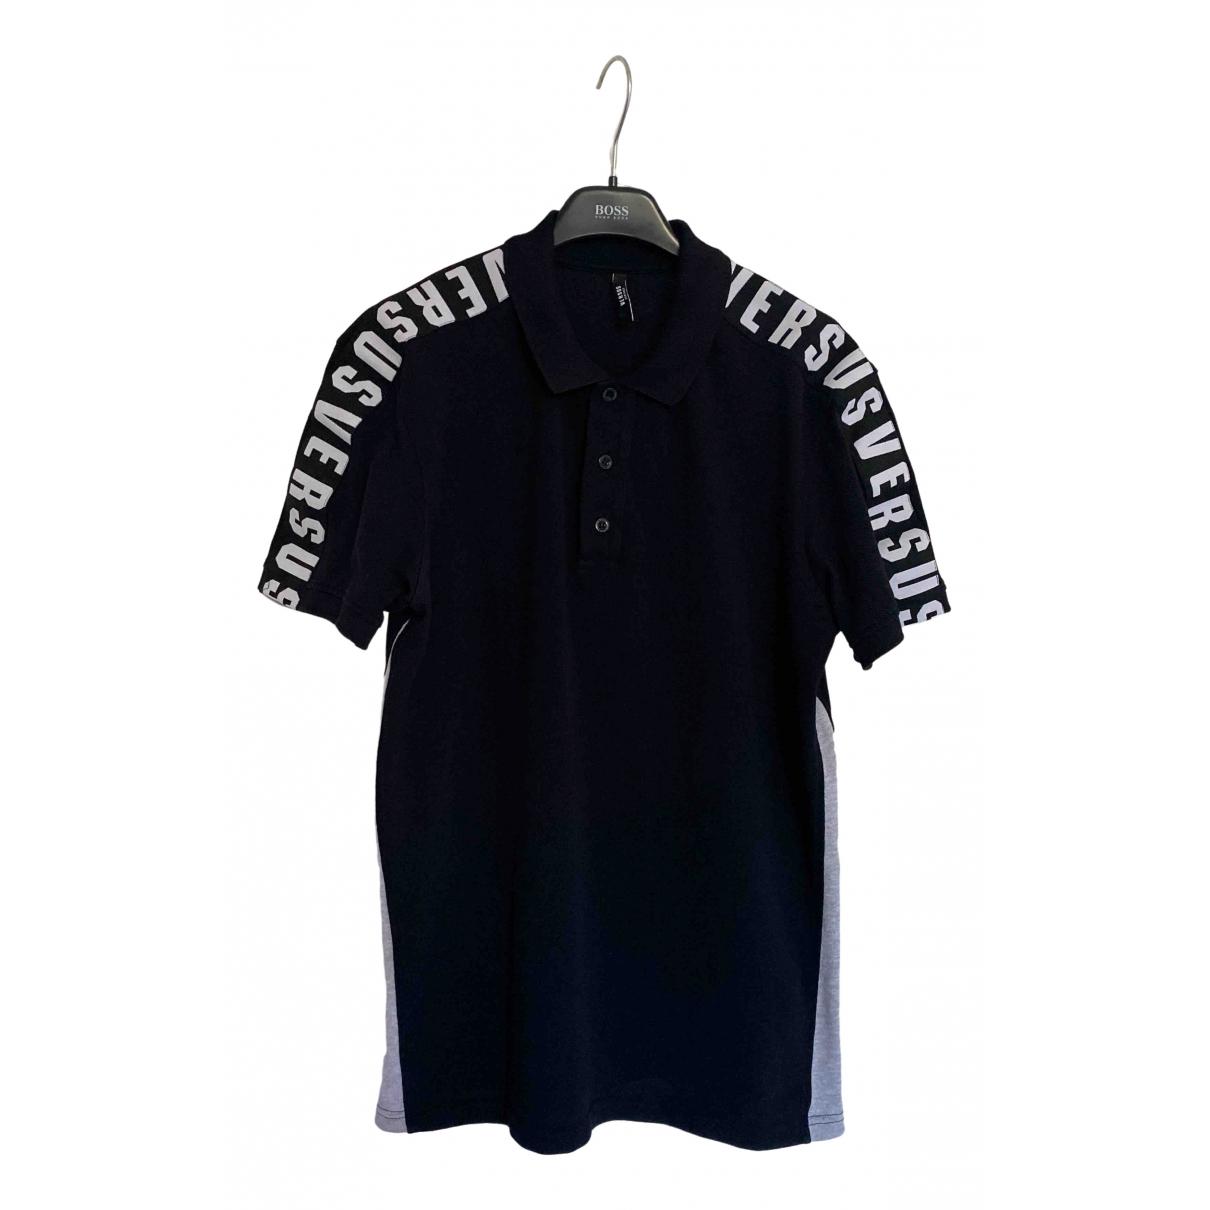 Versus - Polos   pour homme en coton - noir